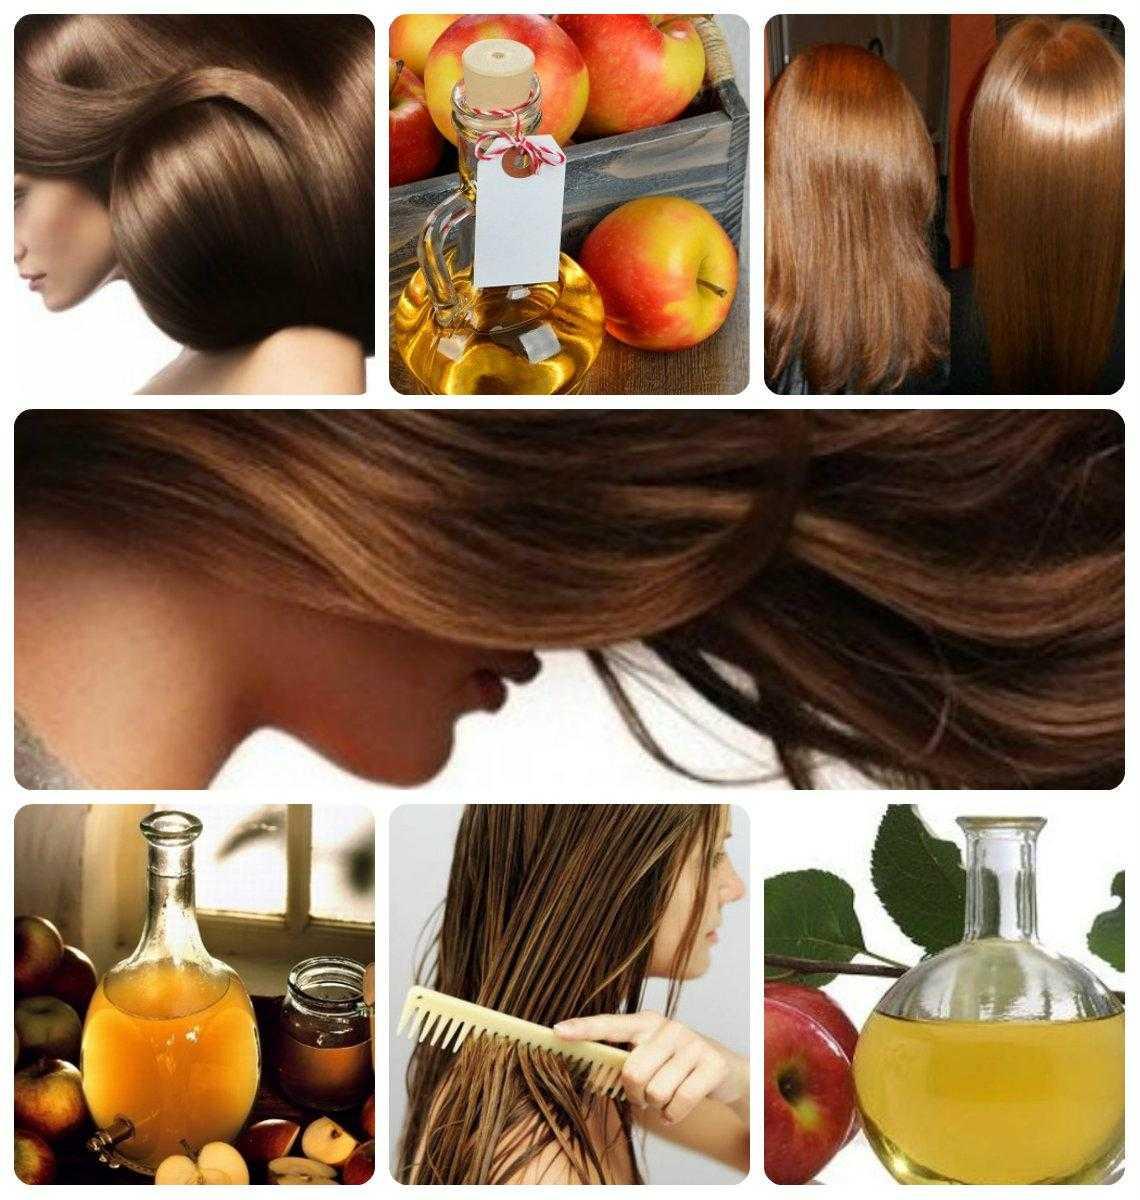 Уход за волосами в домашних условиях: народные средства и рецепты масок